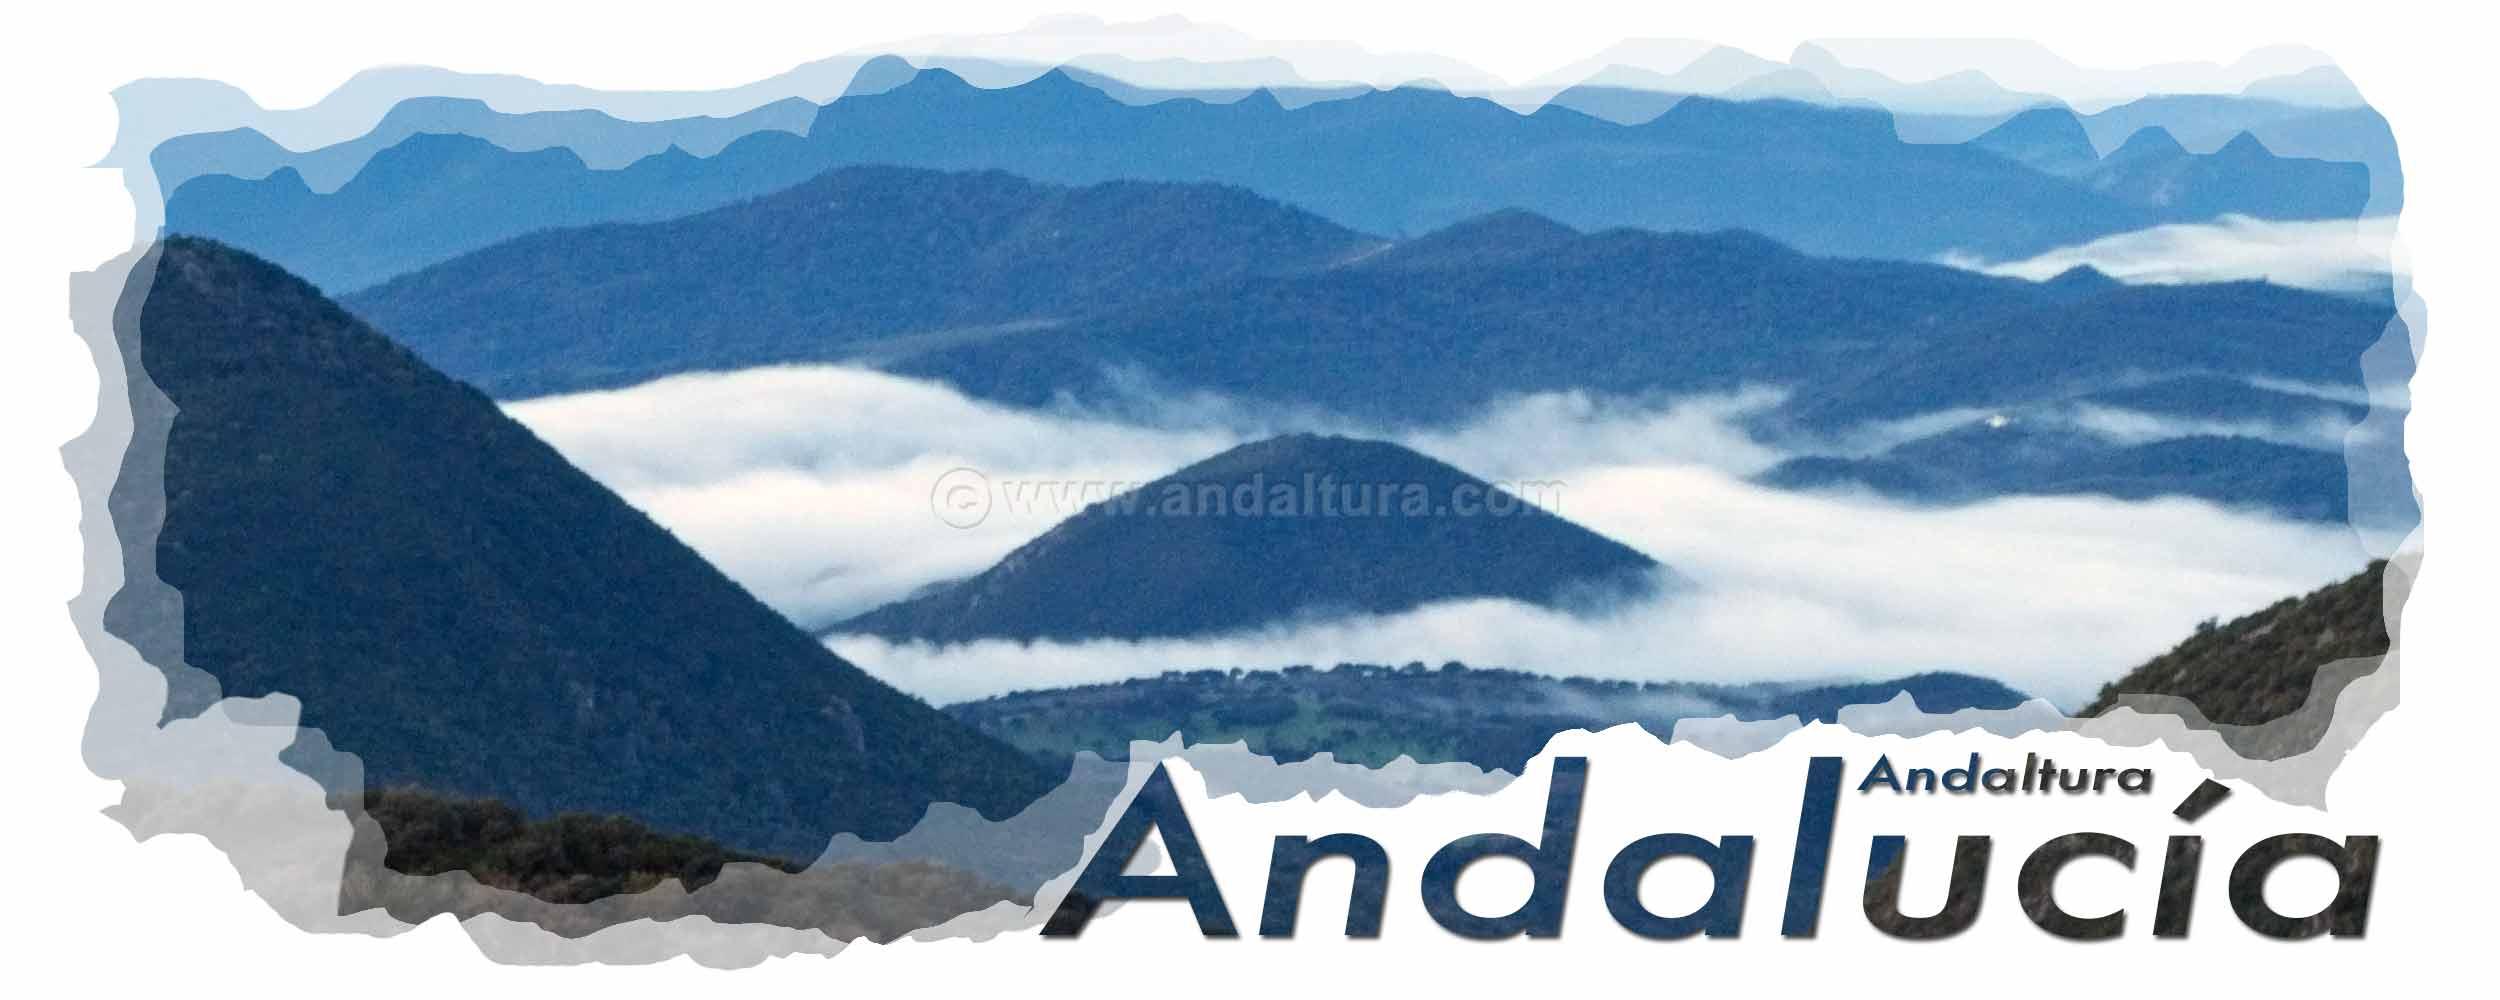 Clima de Andalucía. Sierra de Grazalema